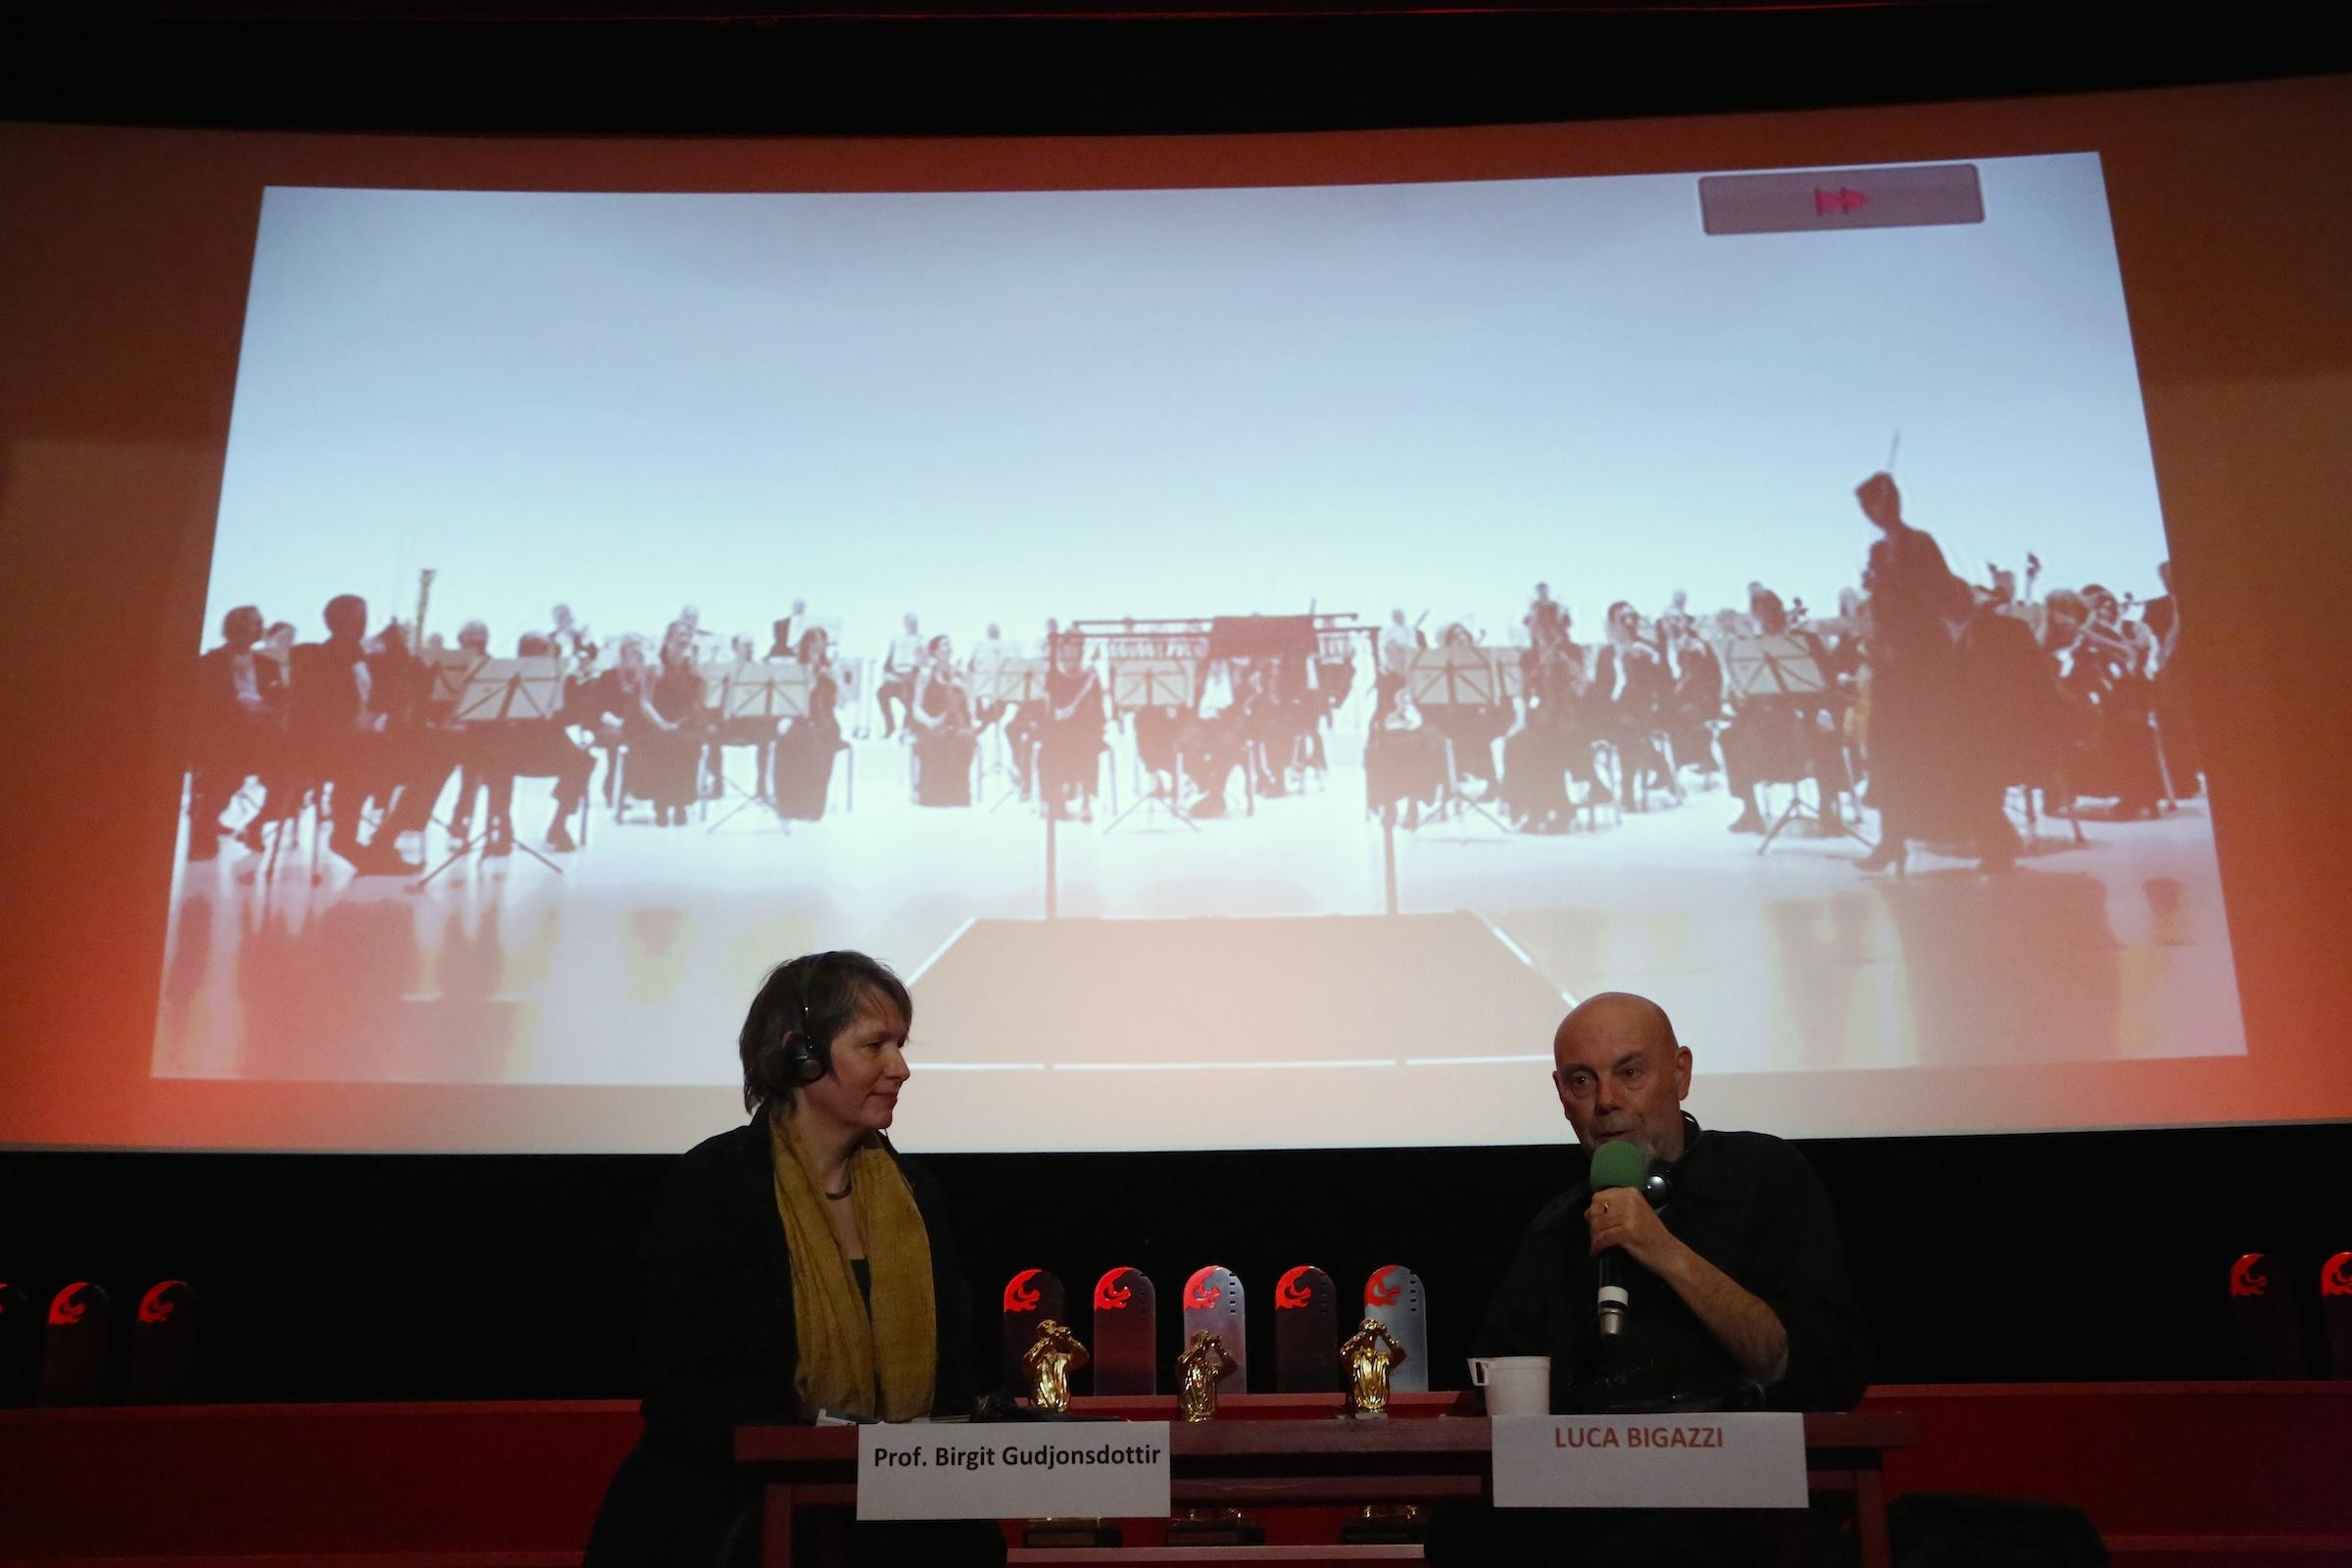 Luca Bigazzi im Gespräch mit Birgit Gudjonsdottir @ Achim Friederich